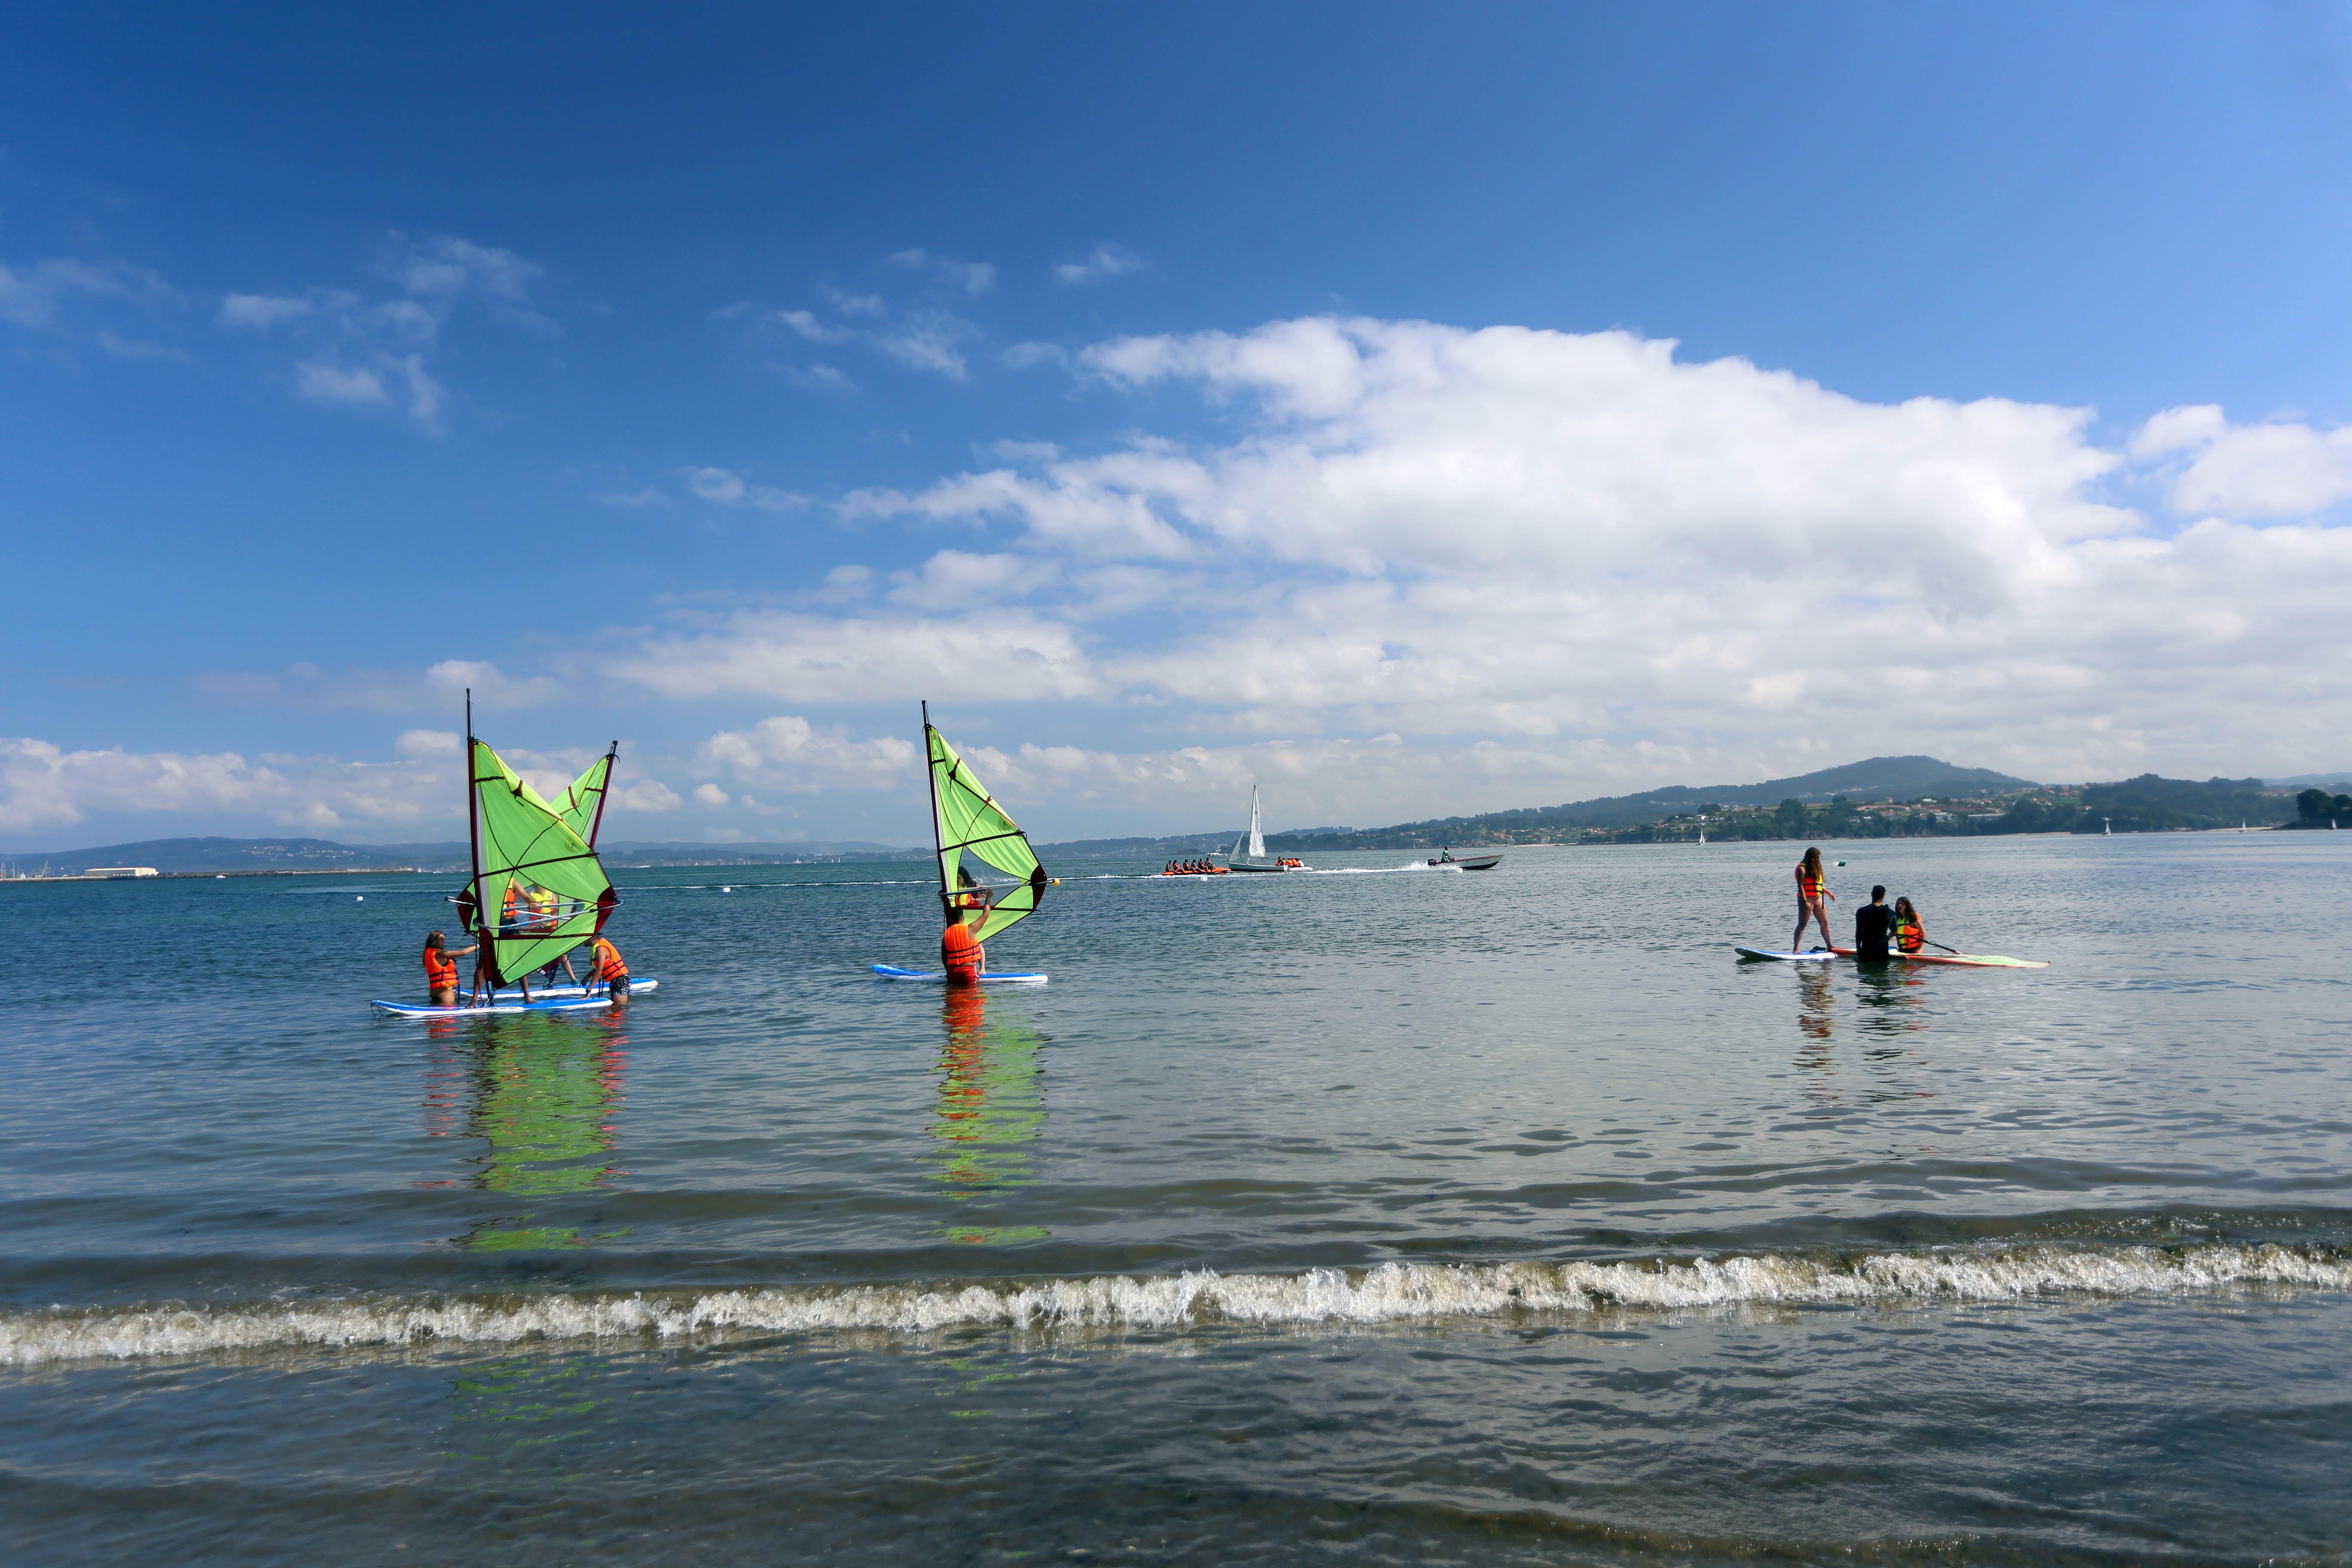 Tamén realizaron actividades de mar e outras de aire libre no albergue xuvenil de Gandarío (Bergondo - A Coruña)